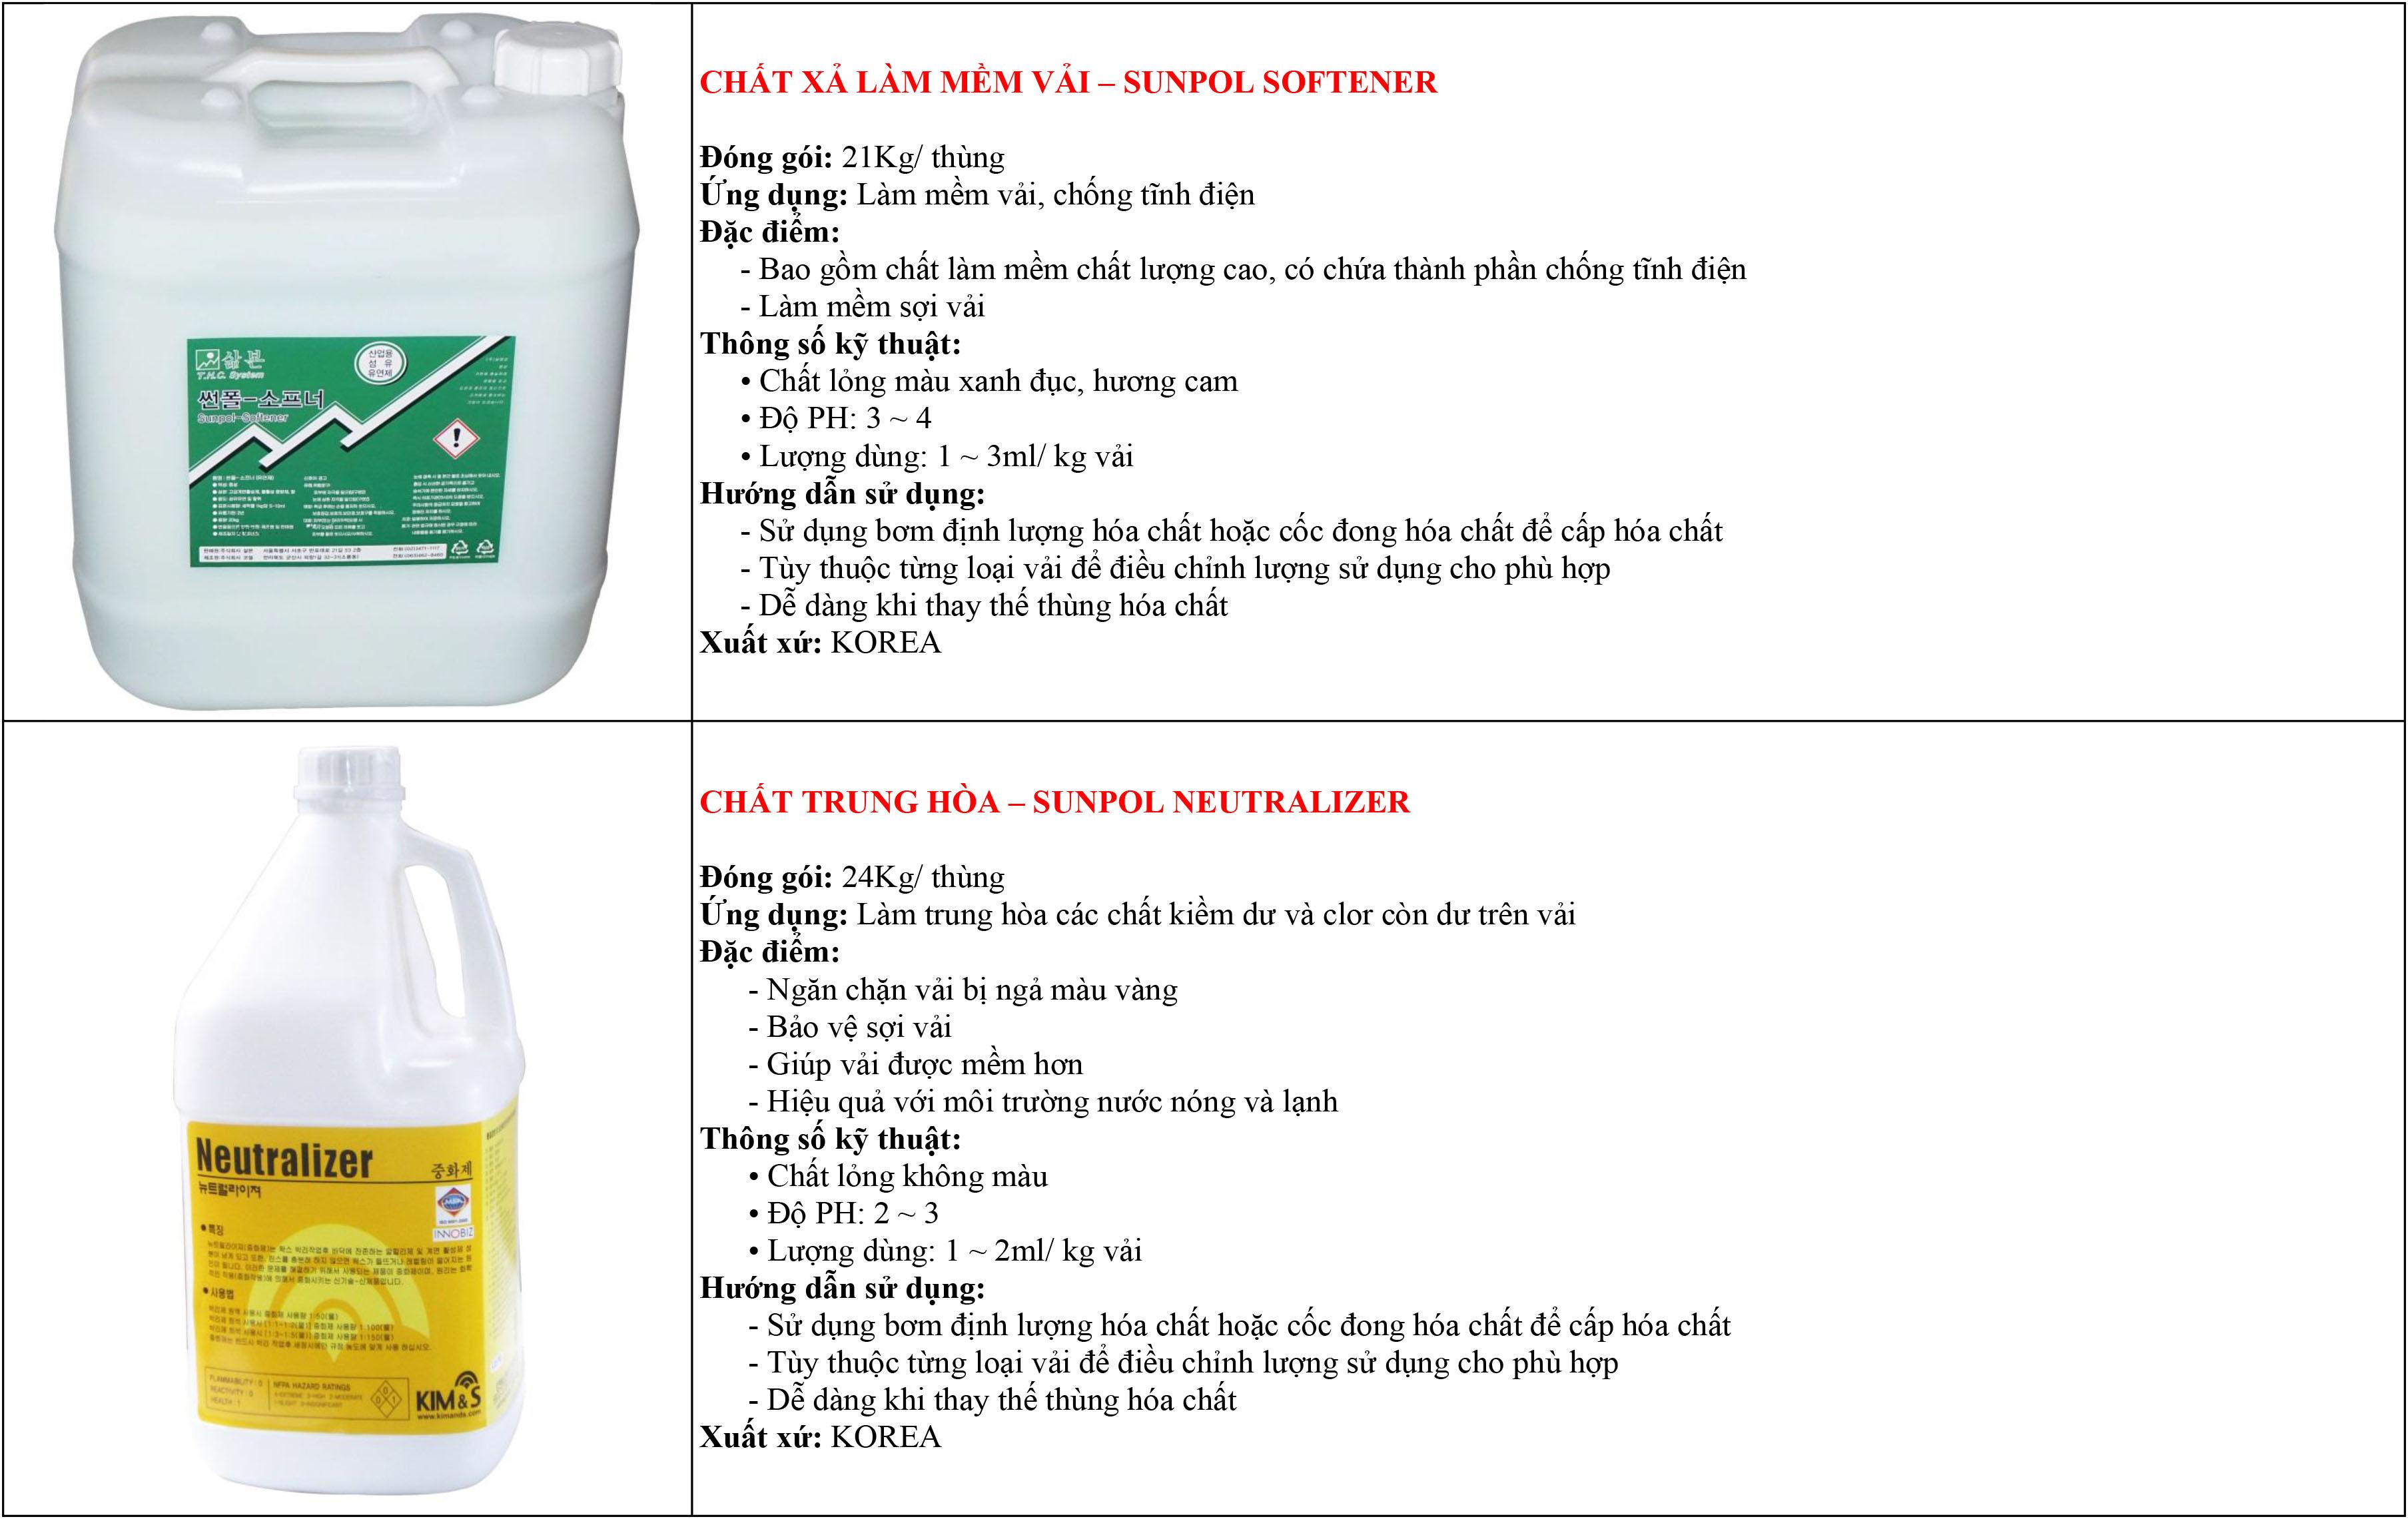 ứng dụng hóa chất giặt là hàn quốc